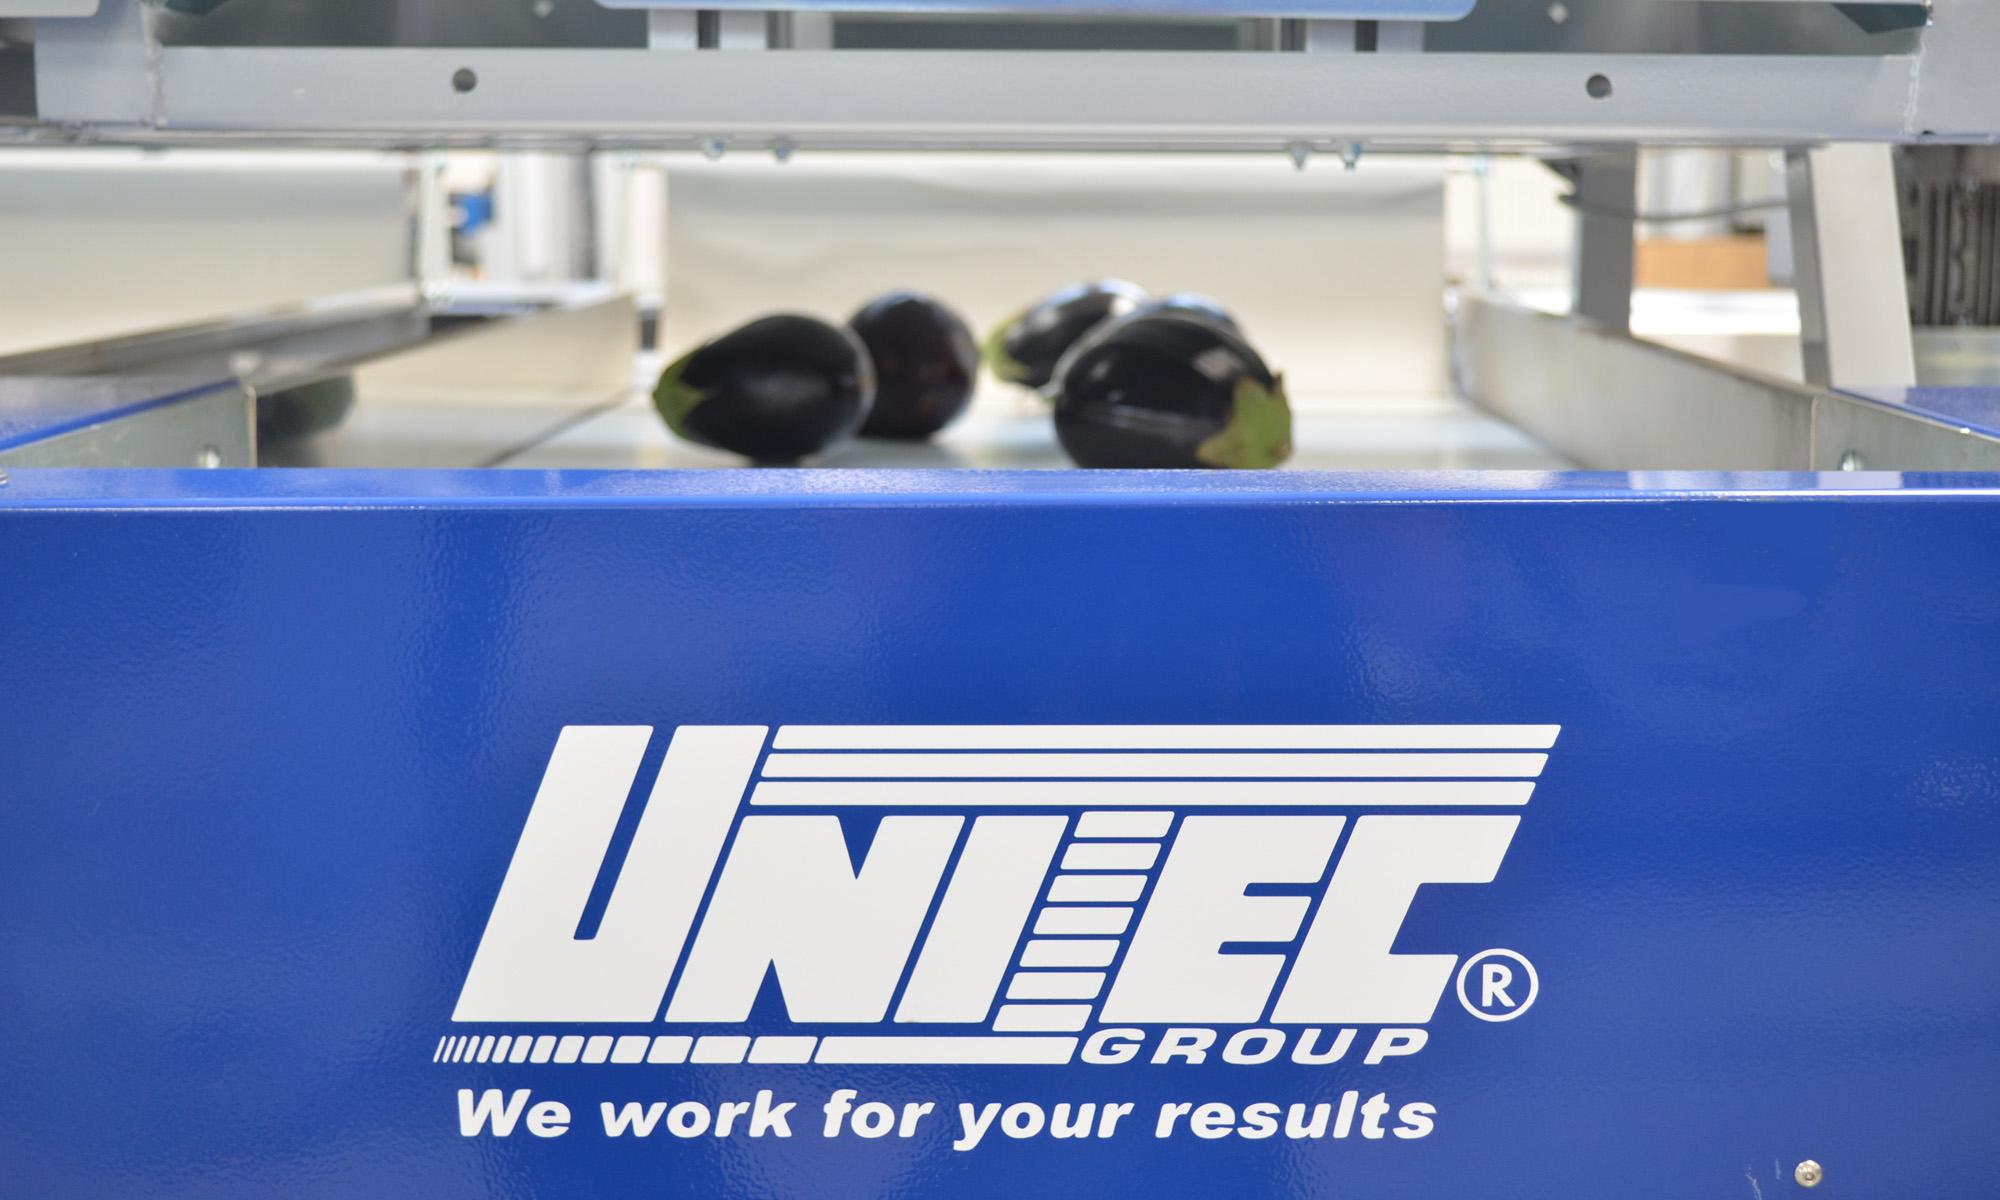 UNI_ONE-LF-jolly-Banco-di-confezionamento_2